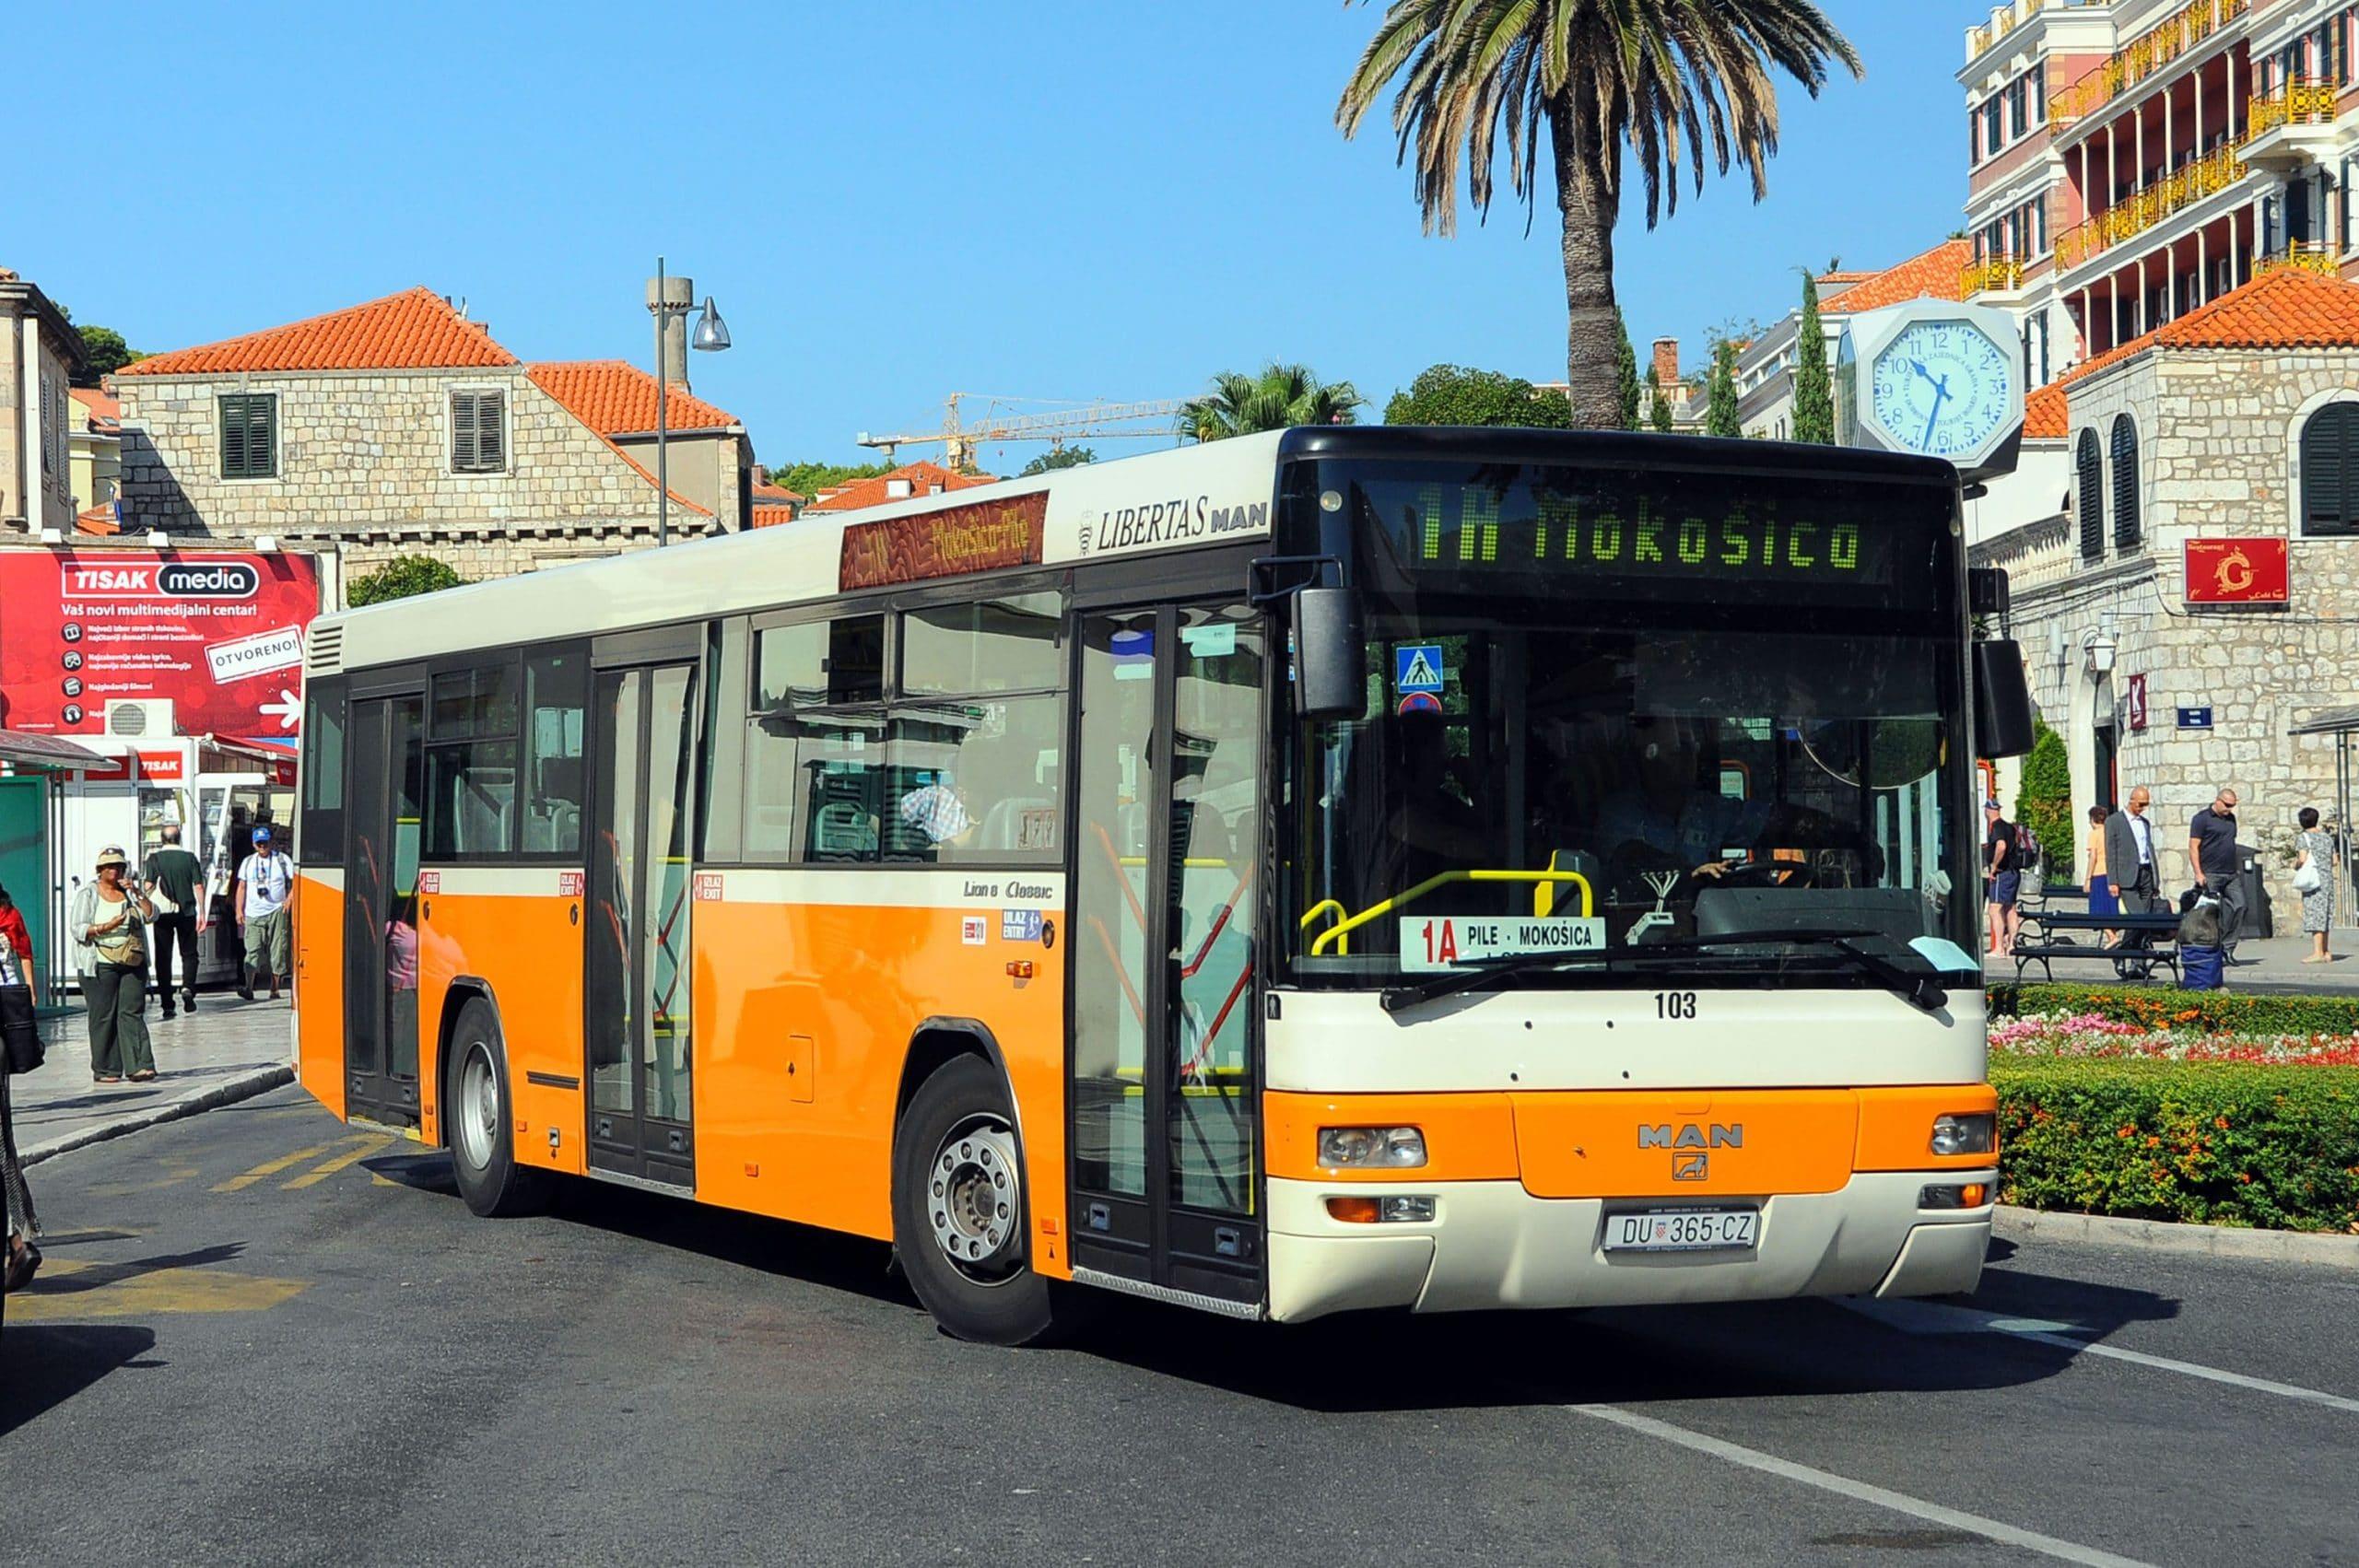 Turismo en Dubrovnik en autobús